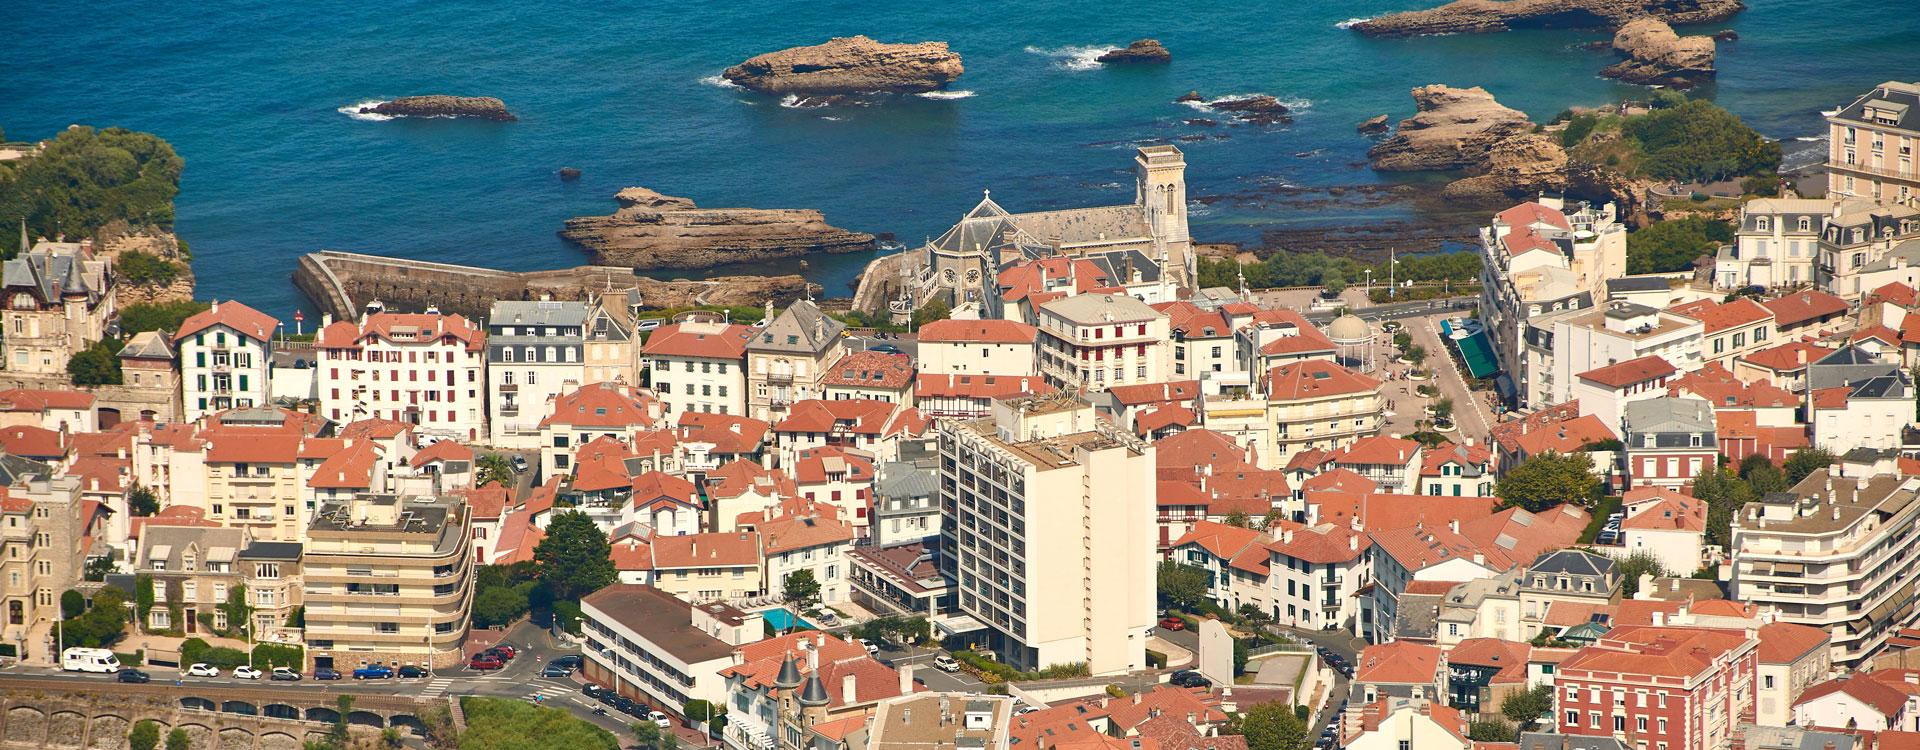 residence grand large biarritz